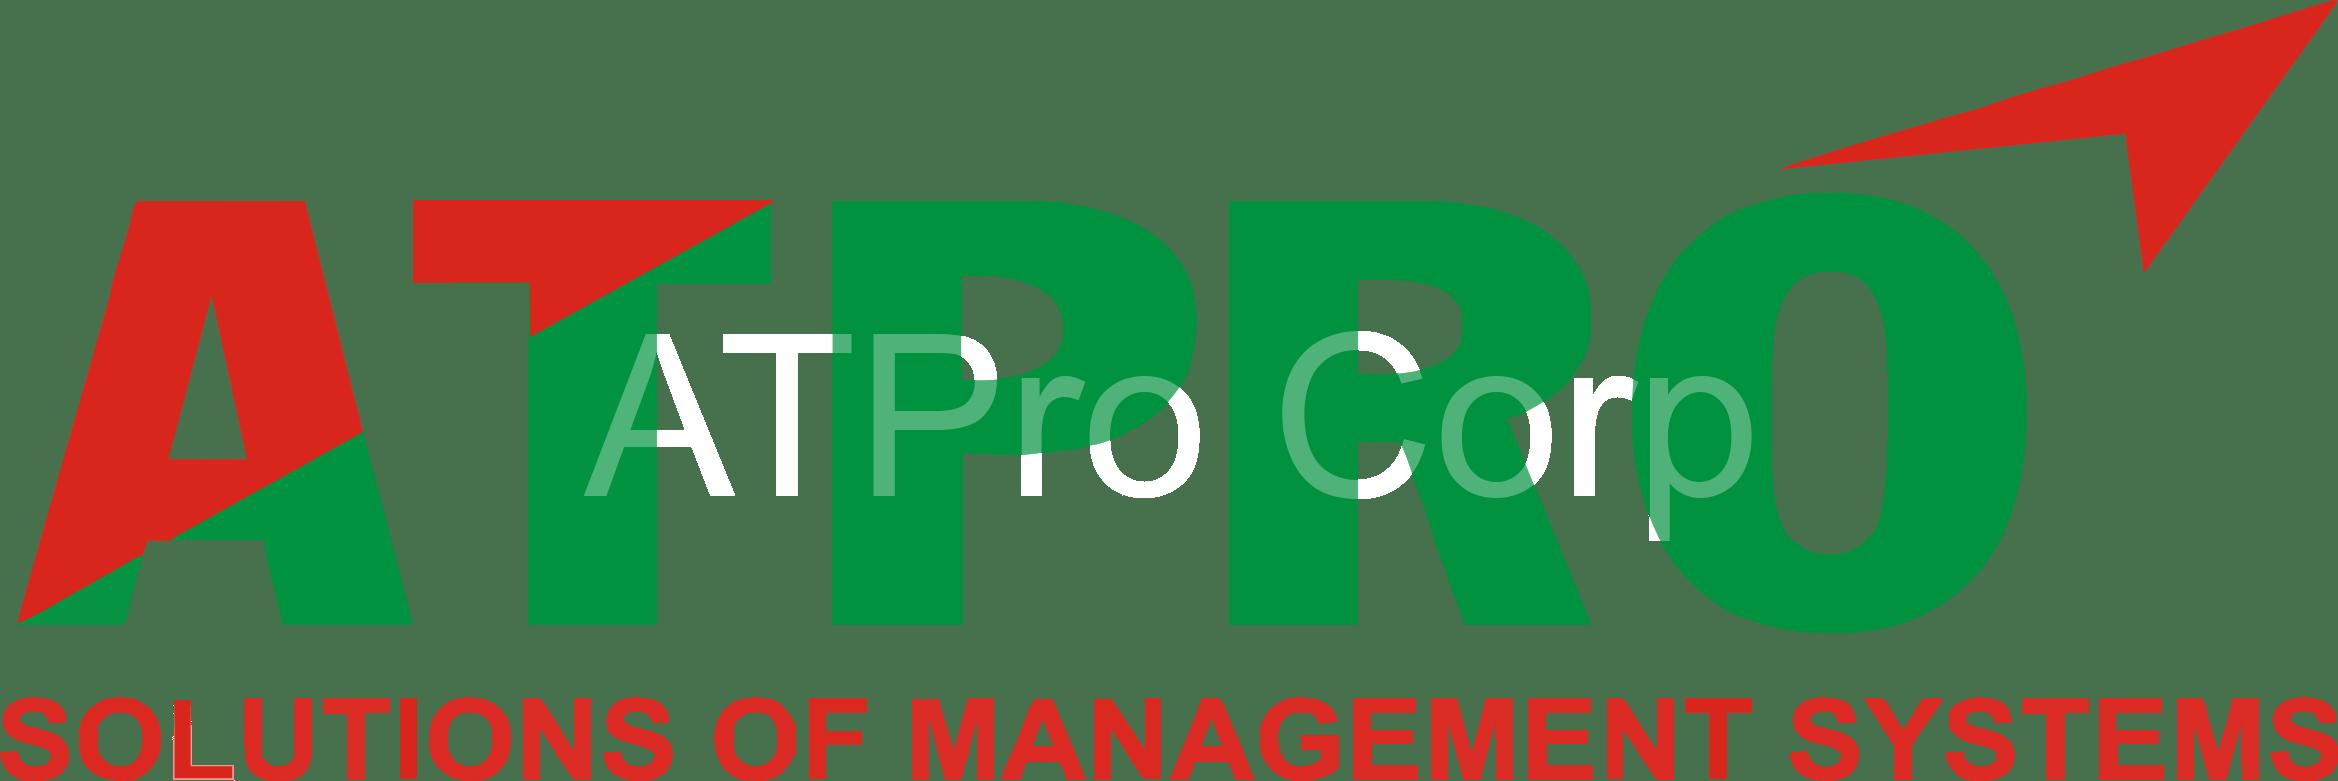 ATPro Corp – Nhà sản xuất phần mềm, thiết bị công nghiệp hàng đầu Việt Nam